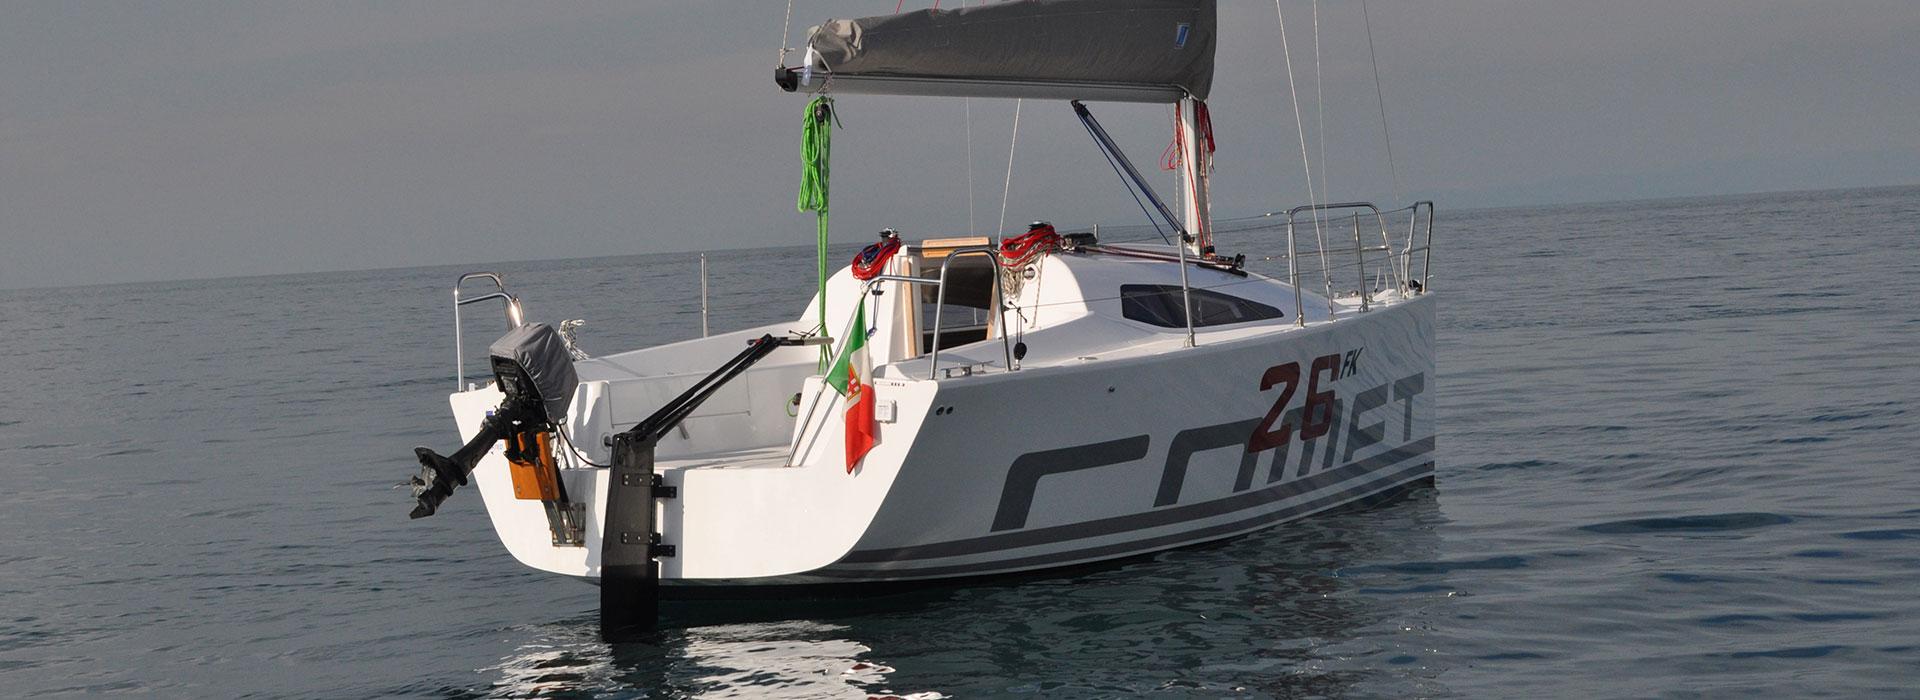 C26-ferma-mare